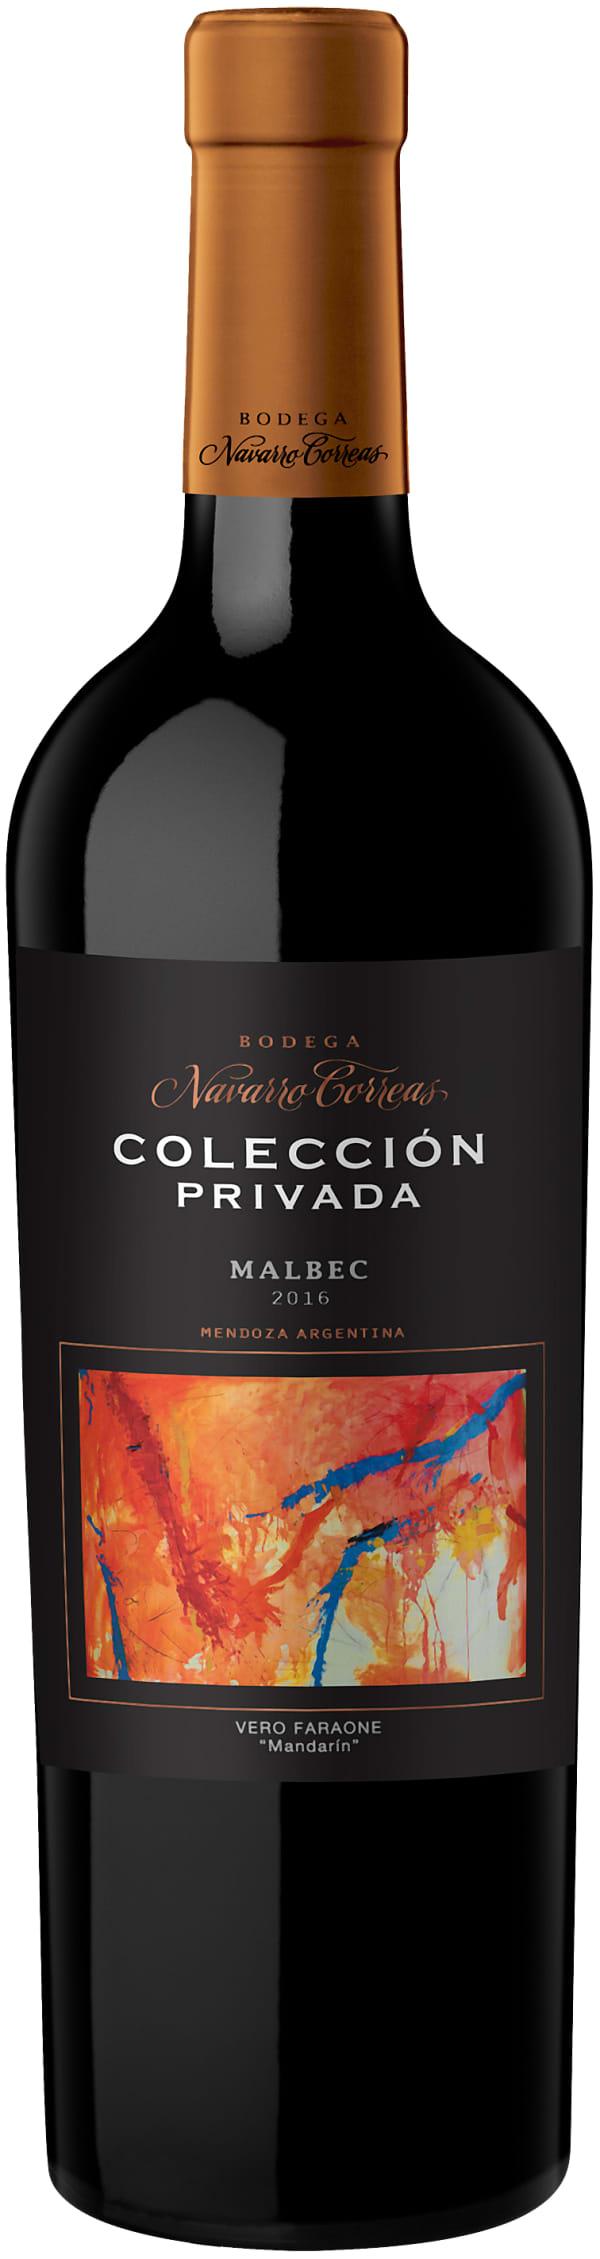 Navarro Correas Colección Privada Malbec 2016